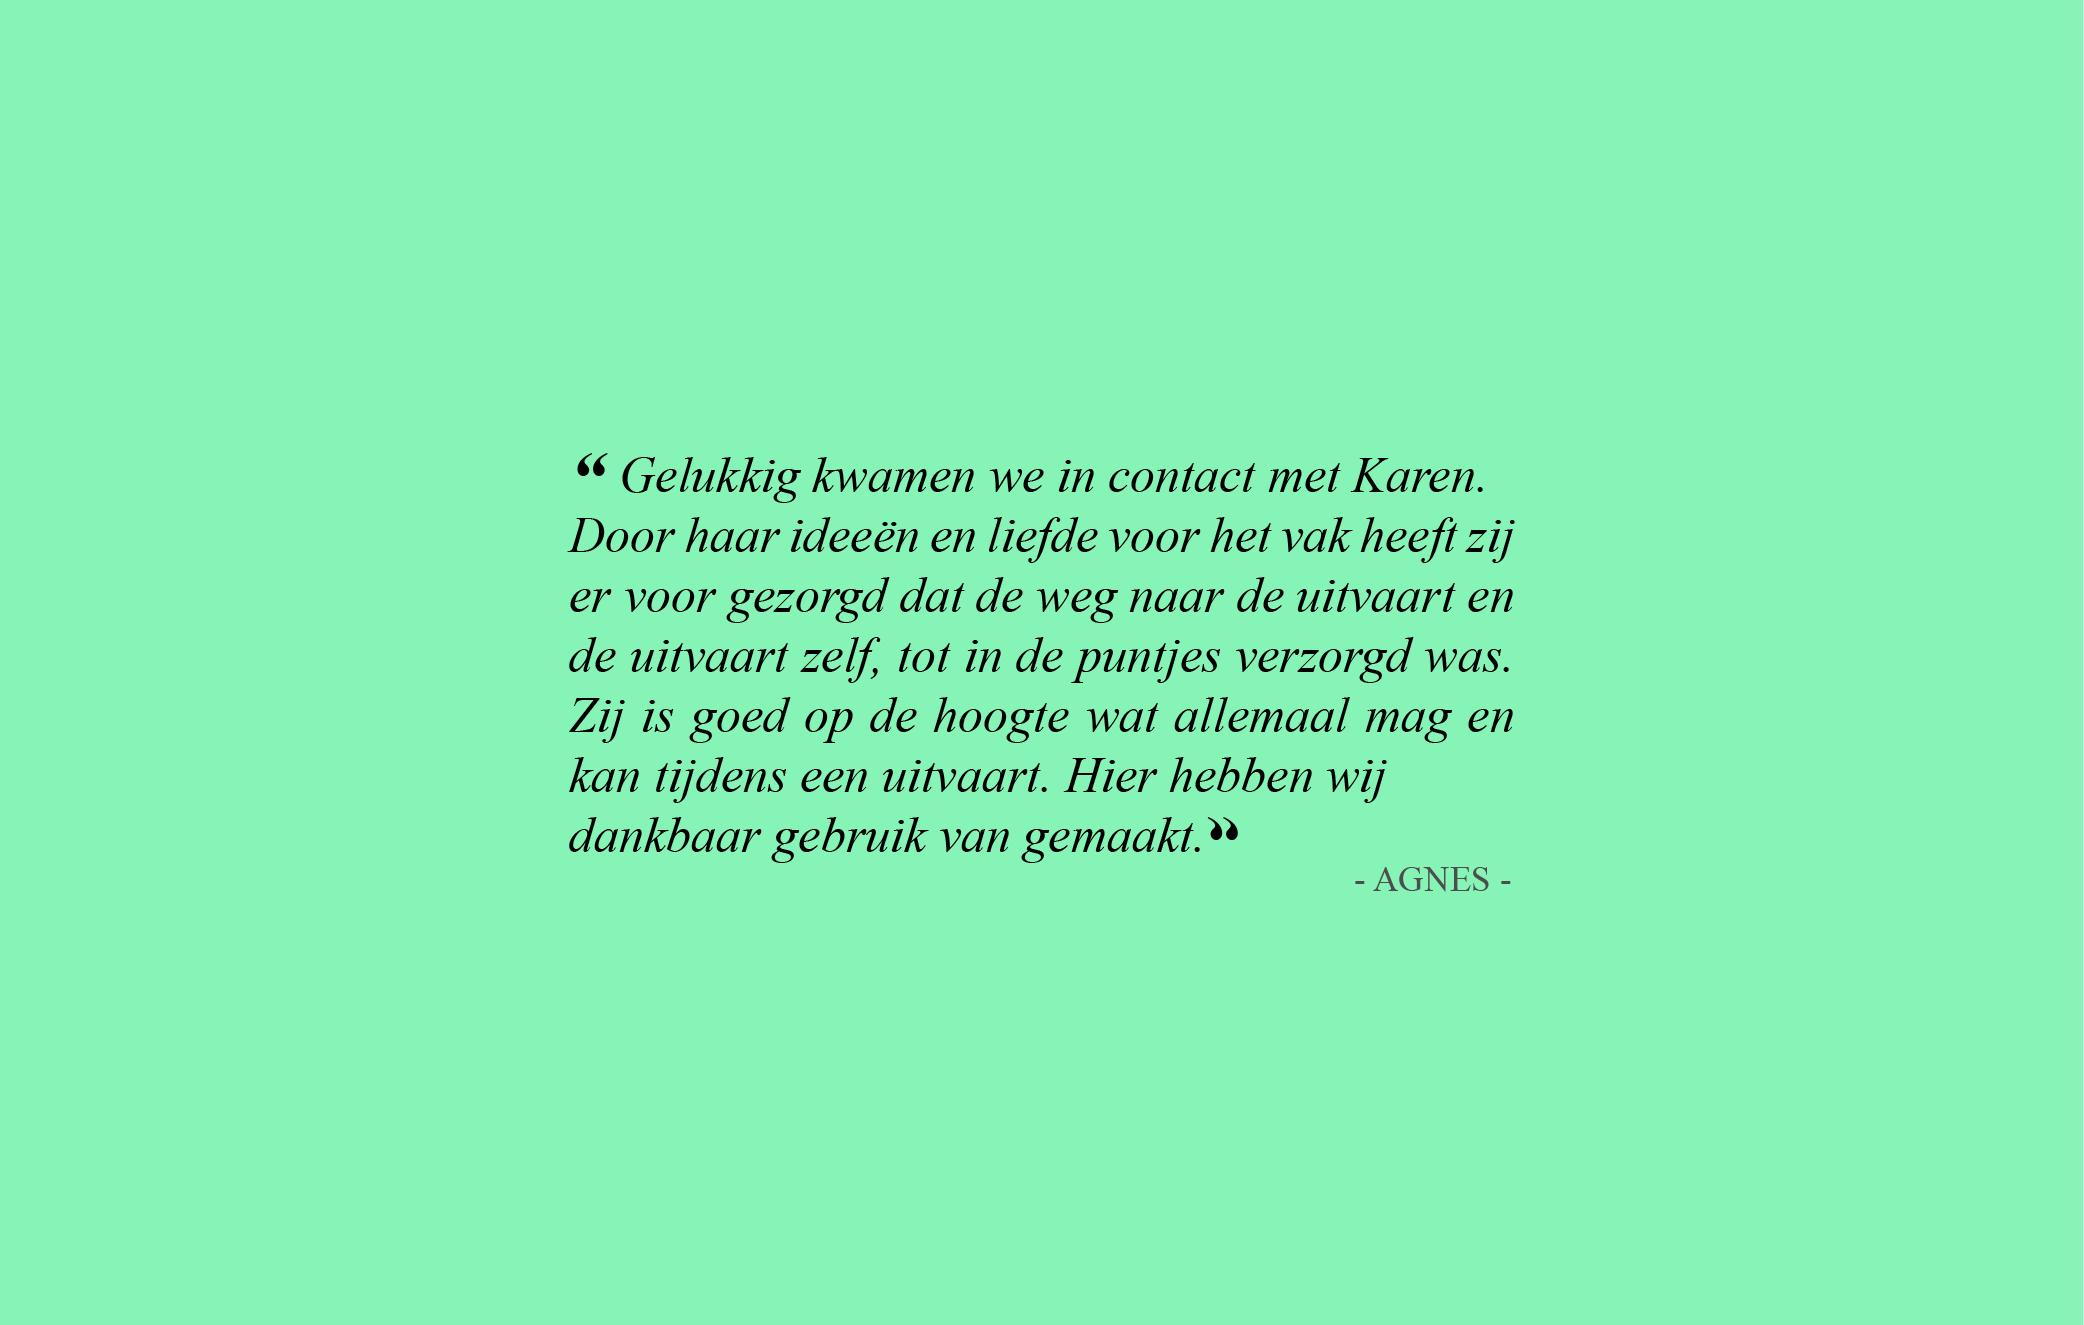 Gelukkig kwamen we in contact met uitvaartbegeleider Karen Admiraal. Door haar ideeen en liefde voor het vak heeft zij er voor gezorgd dat de weg naar de uitvaart en de uitvaart zelf, tot in de puntjes verzorgd was. Zij is goed op de hoogte wat allemaal mag en kan tijdens een uitvaart. Hier hebben wij dankbaar gebruik van gemaakt.